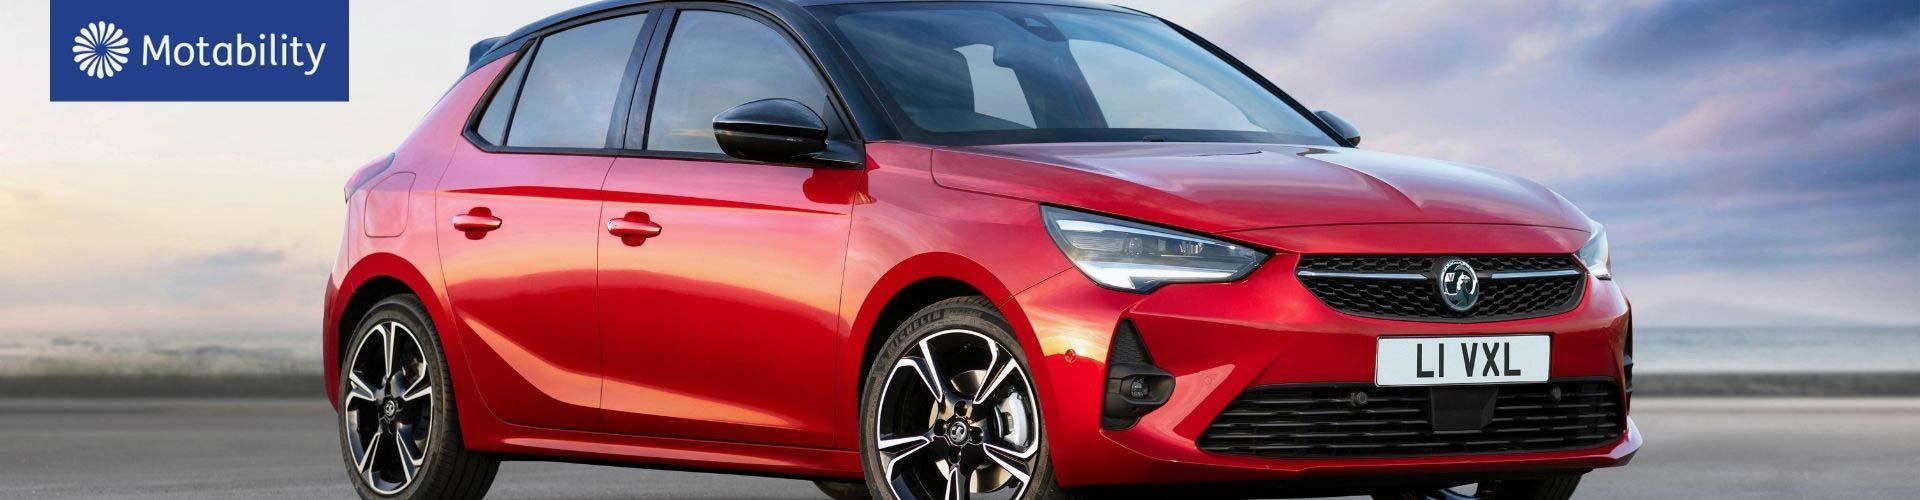 Taylors Vauxhall Dealer Motability